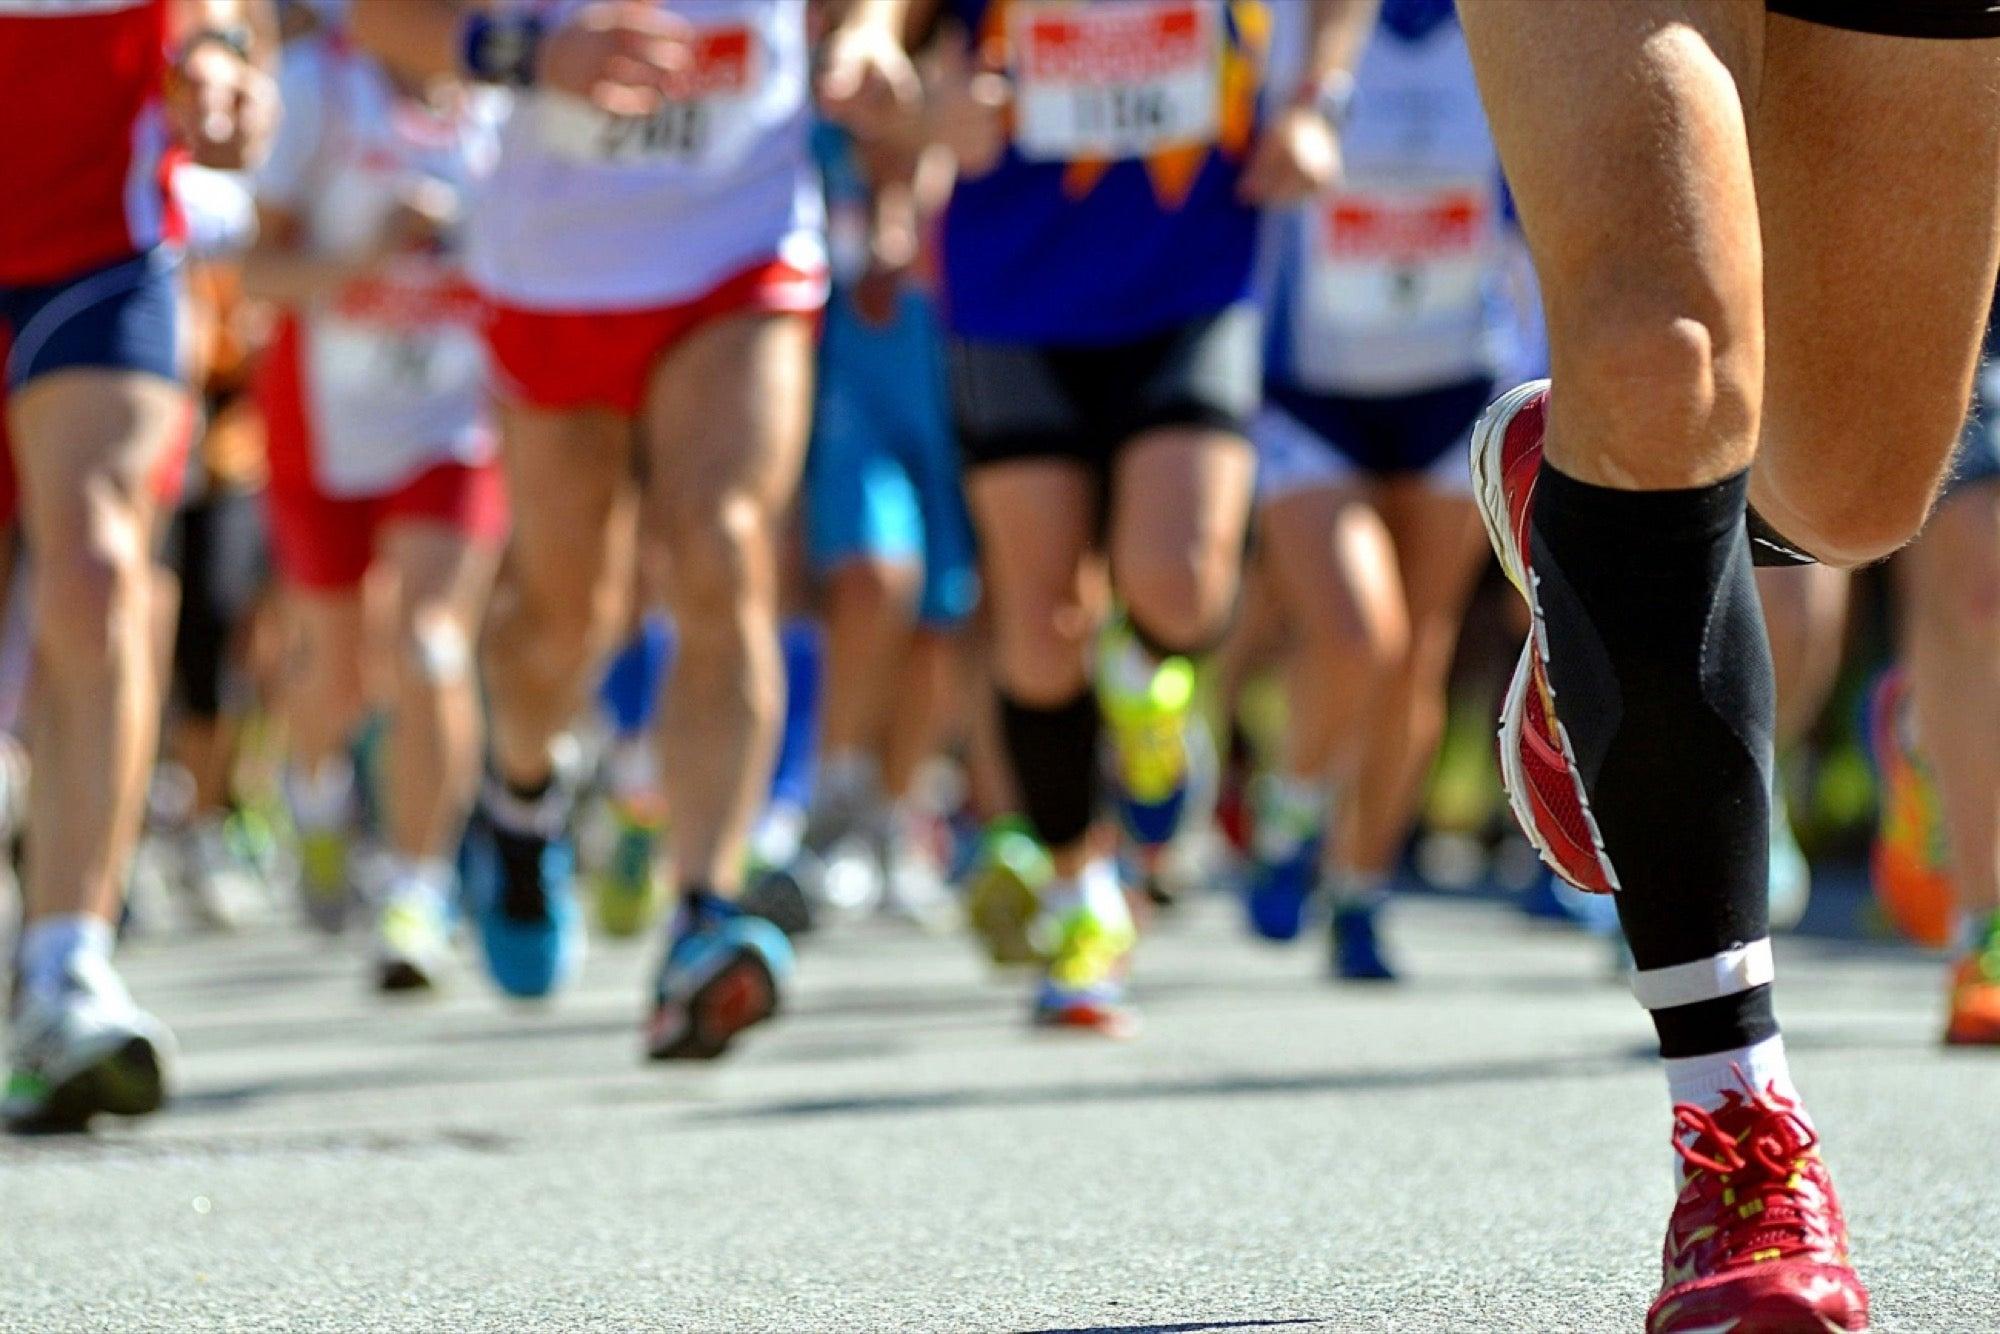 Painfully marathon